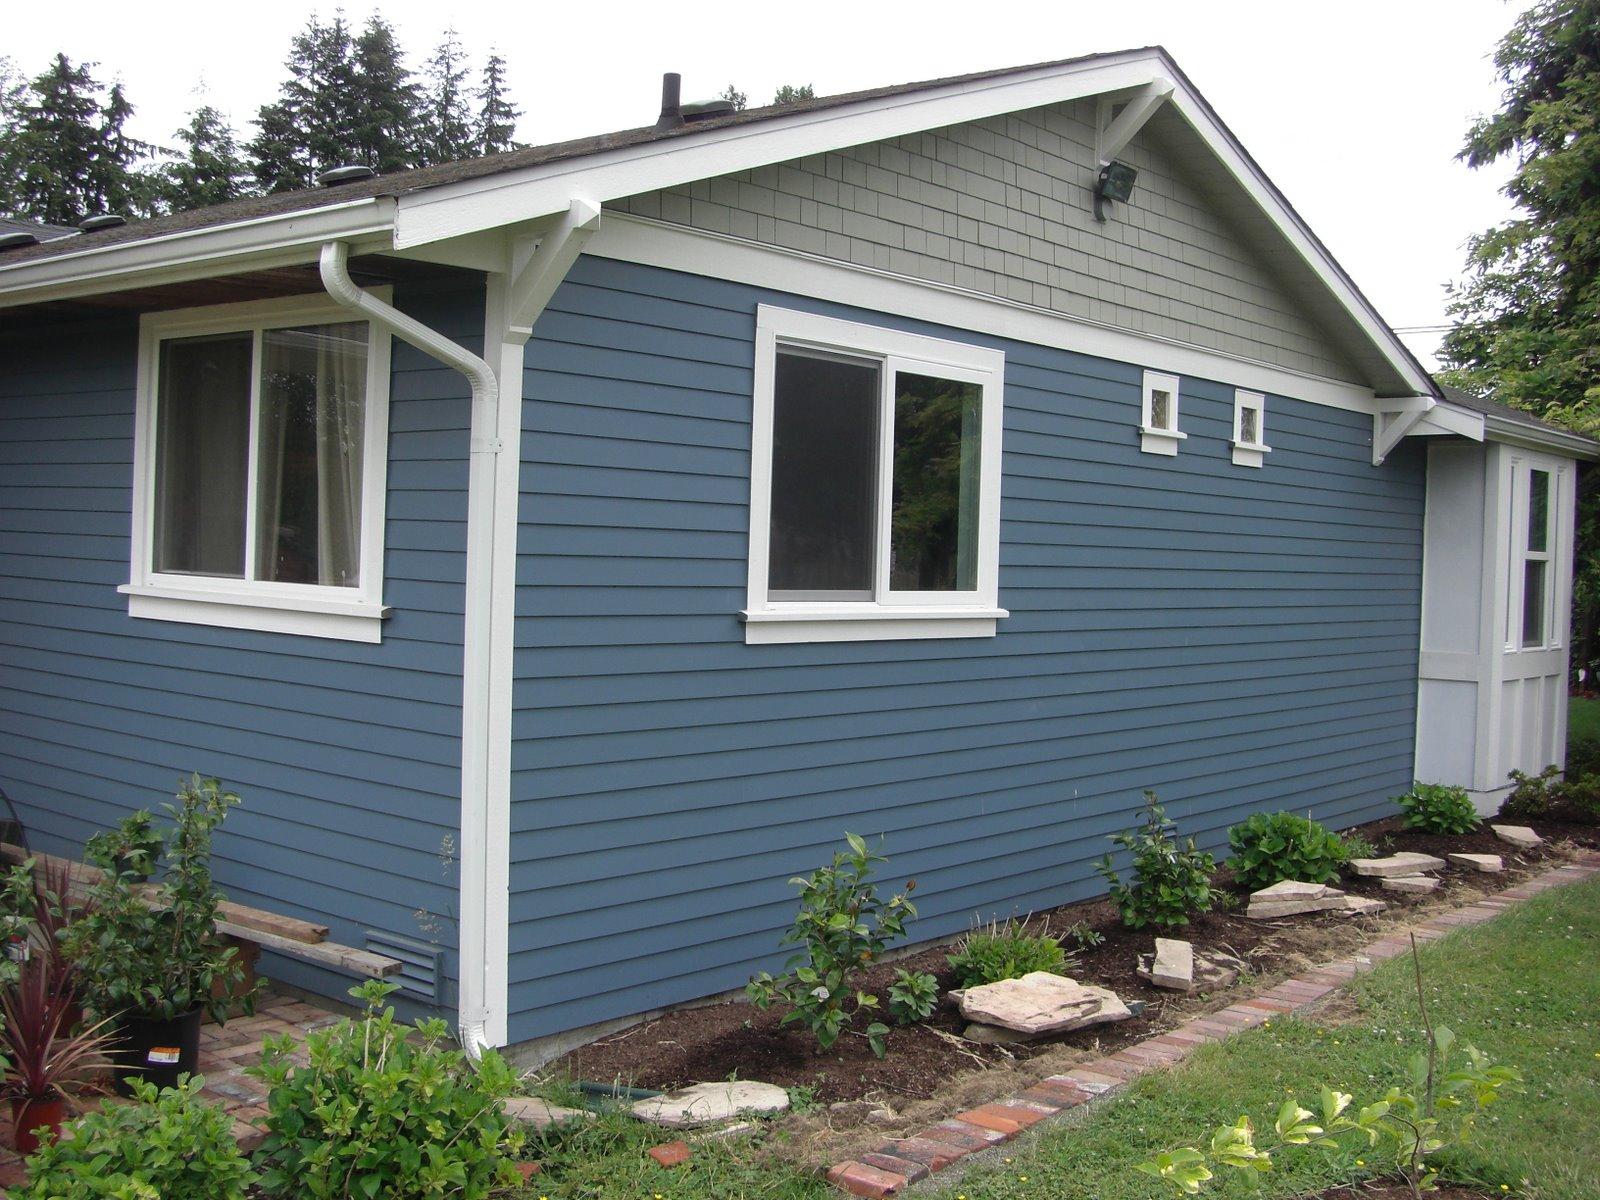 bryans-house-siding-022.jpg